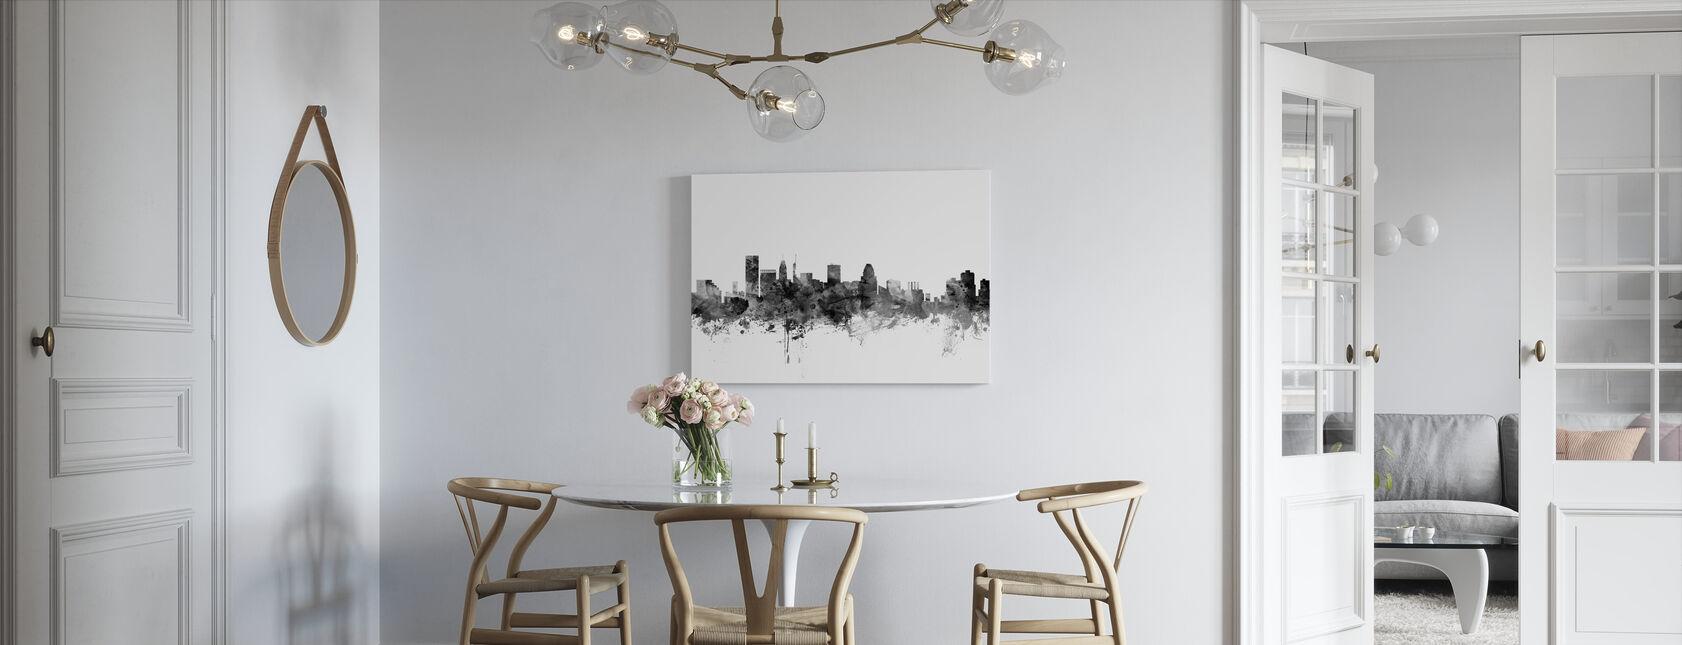 Baltimore Maryland Skyline Black - Canvas print - Kitchen